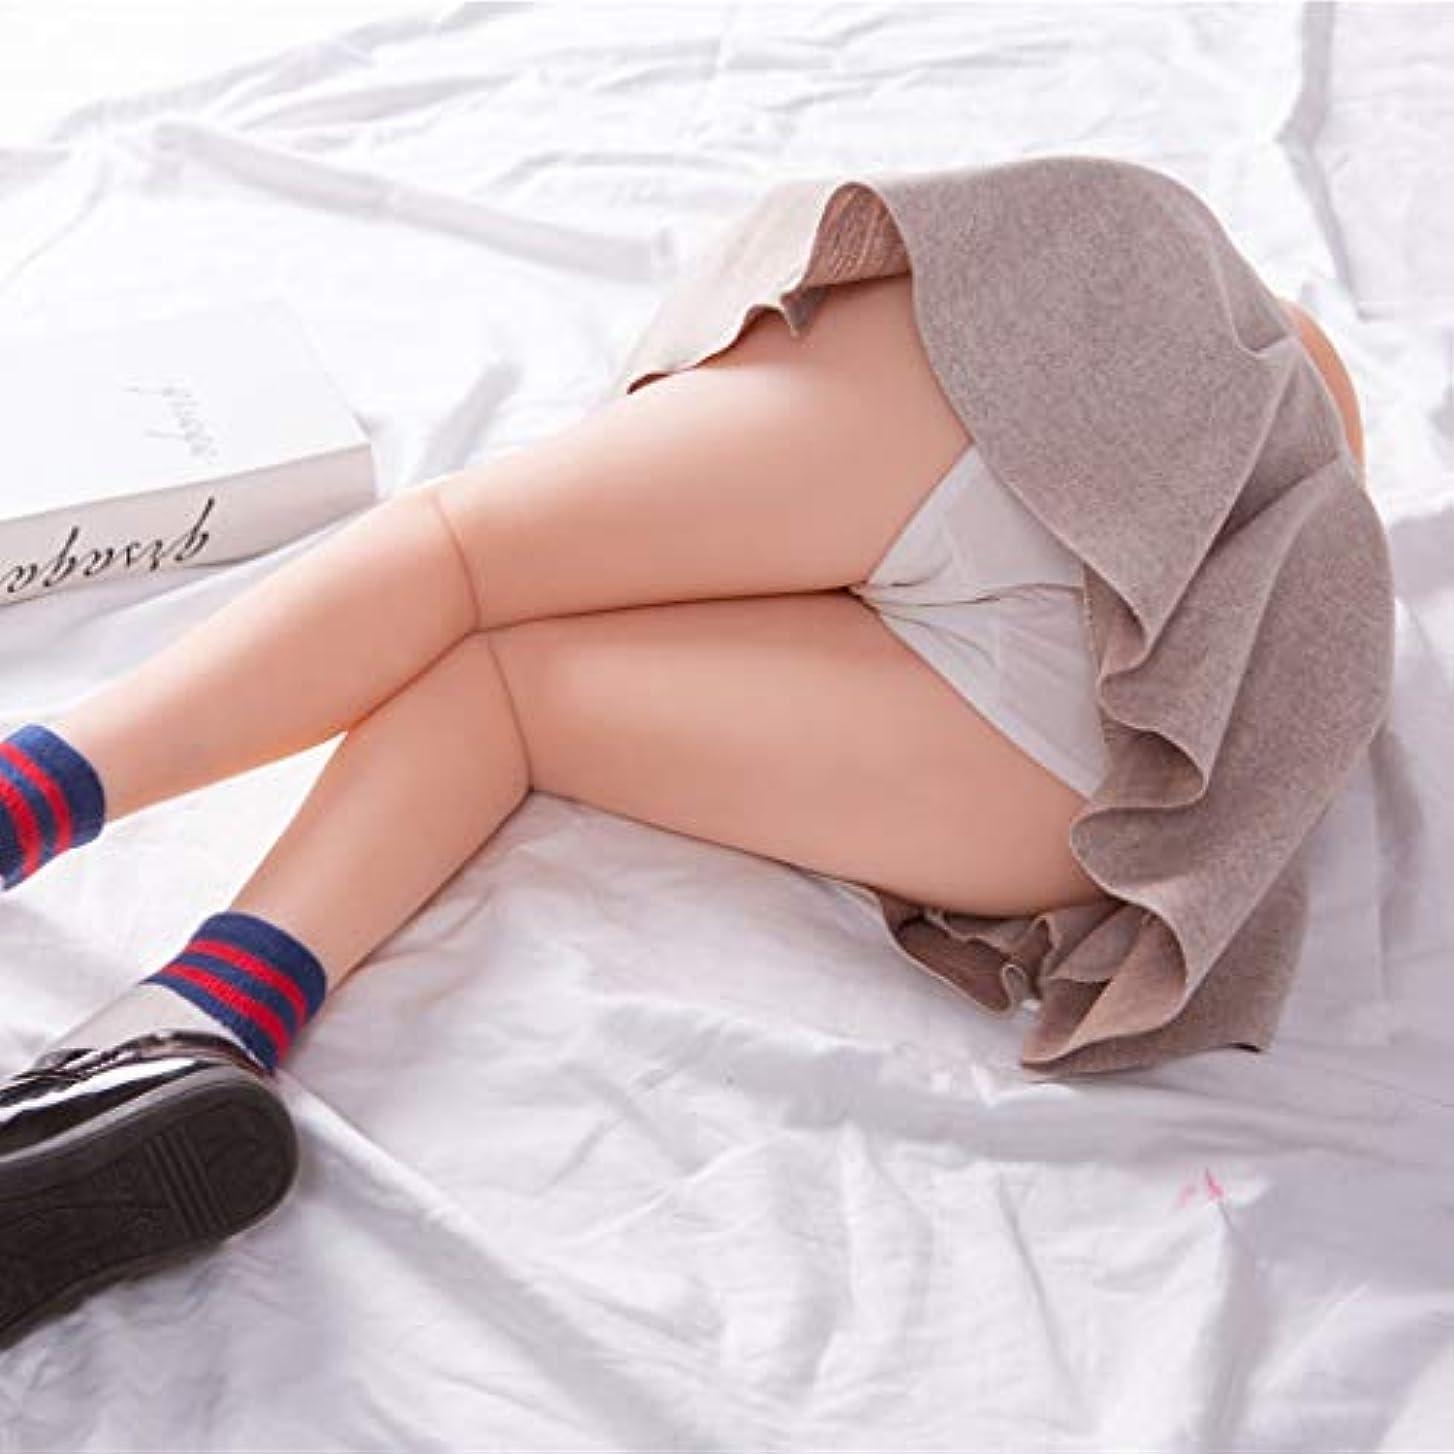 ぼかし練習広告する初心者マンファニー大人のおもちゃリアルなスキンリアルのためのフルボディ女性シリコーントルソ愛のおもちゃ (Size : 50cm)